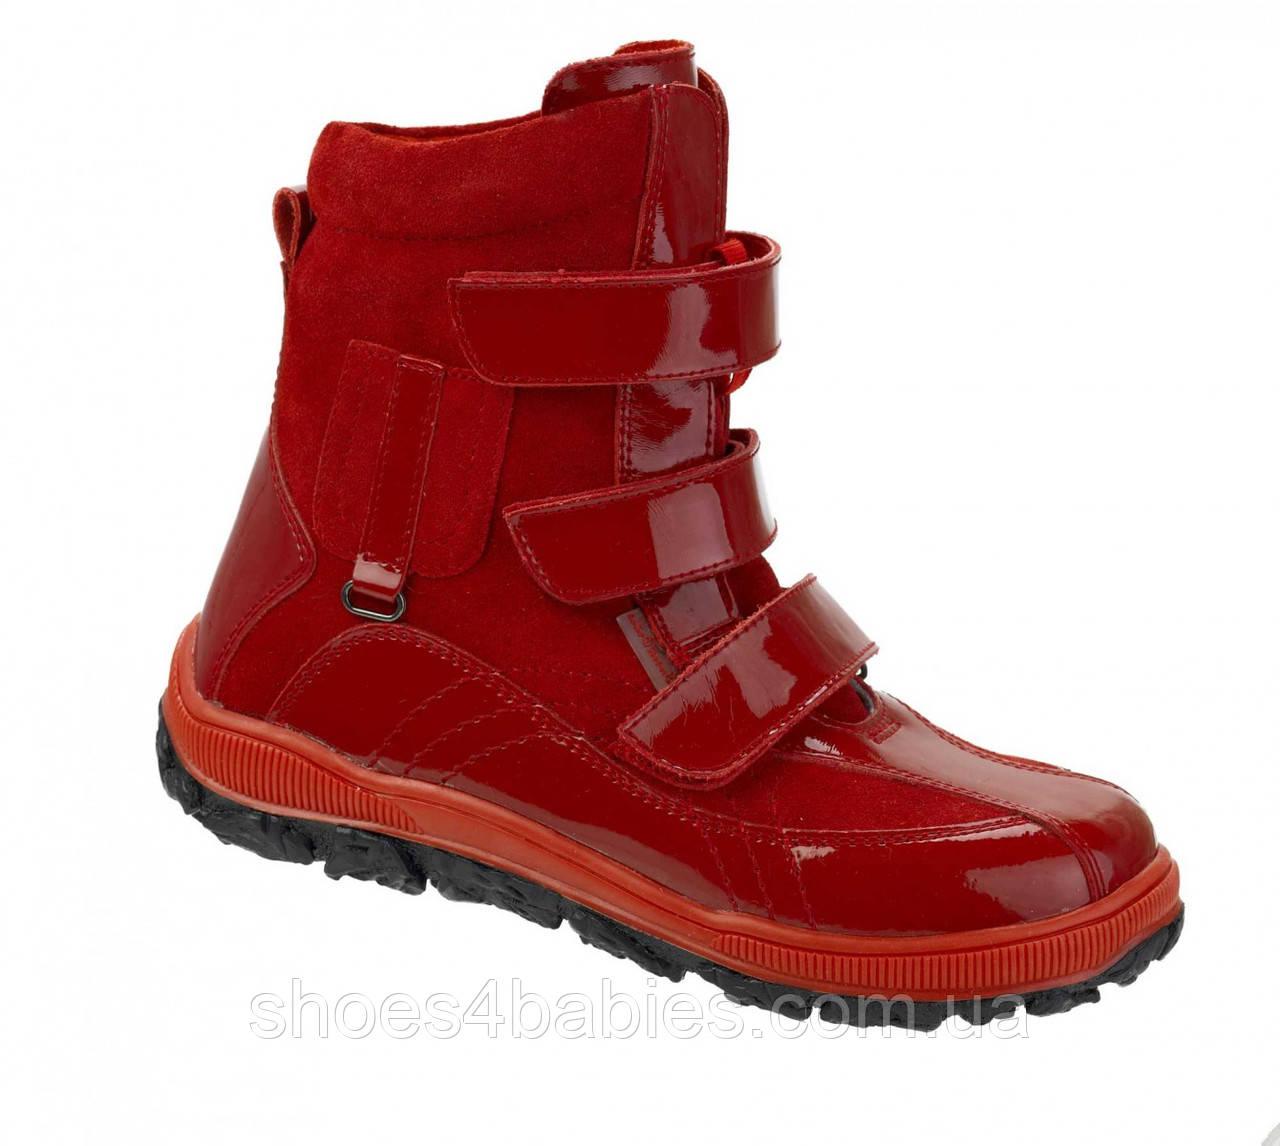 Ботинки зимние ортопедические Sursil Ortho (Сурсил Орто) размеры 38, 39 модель 4175-4